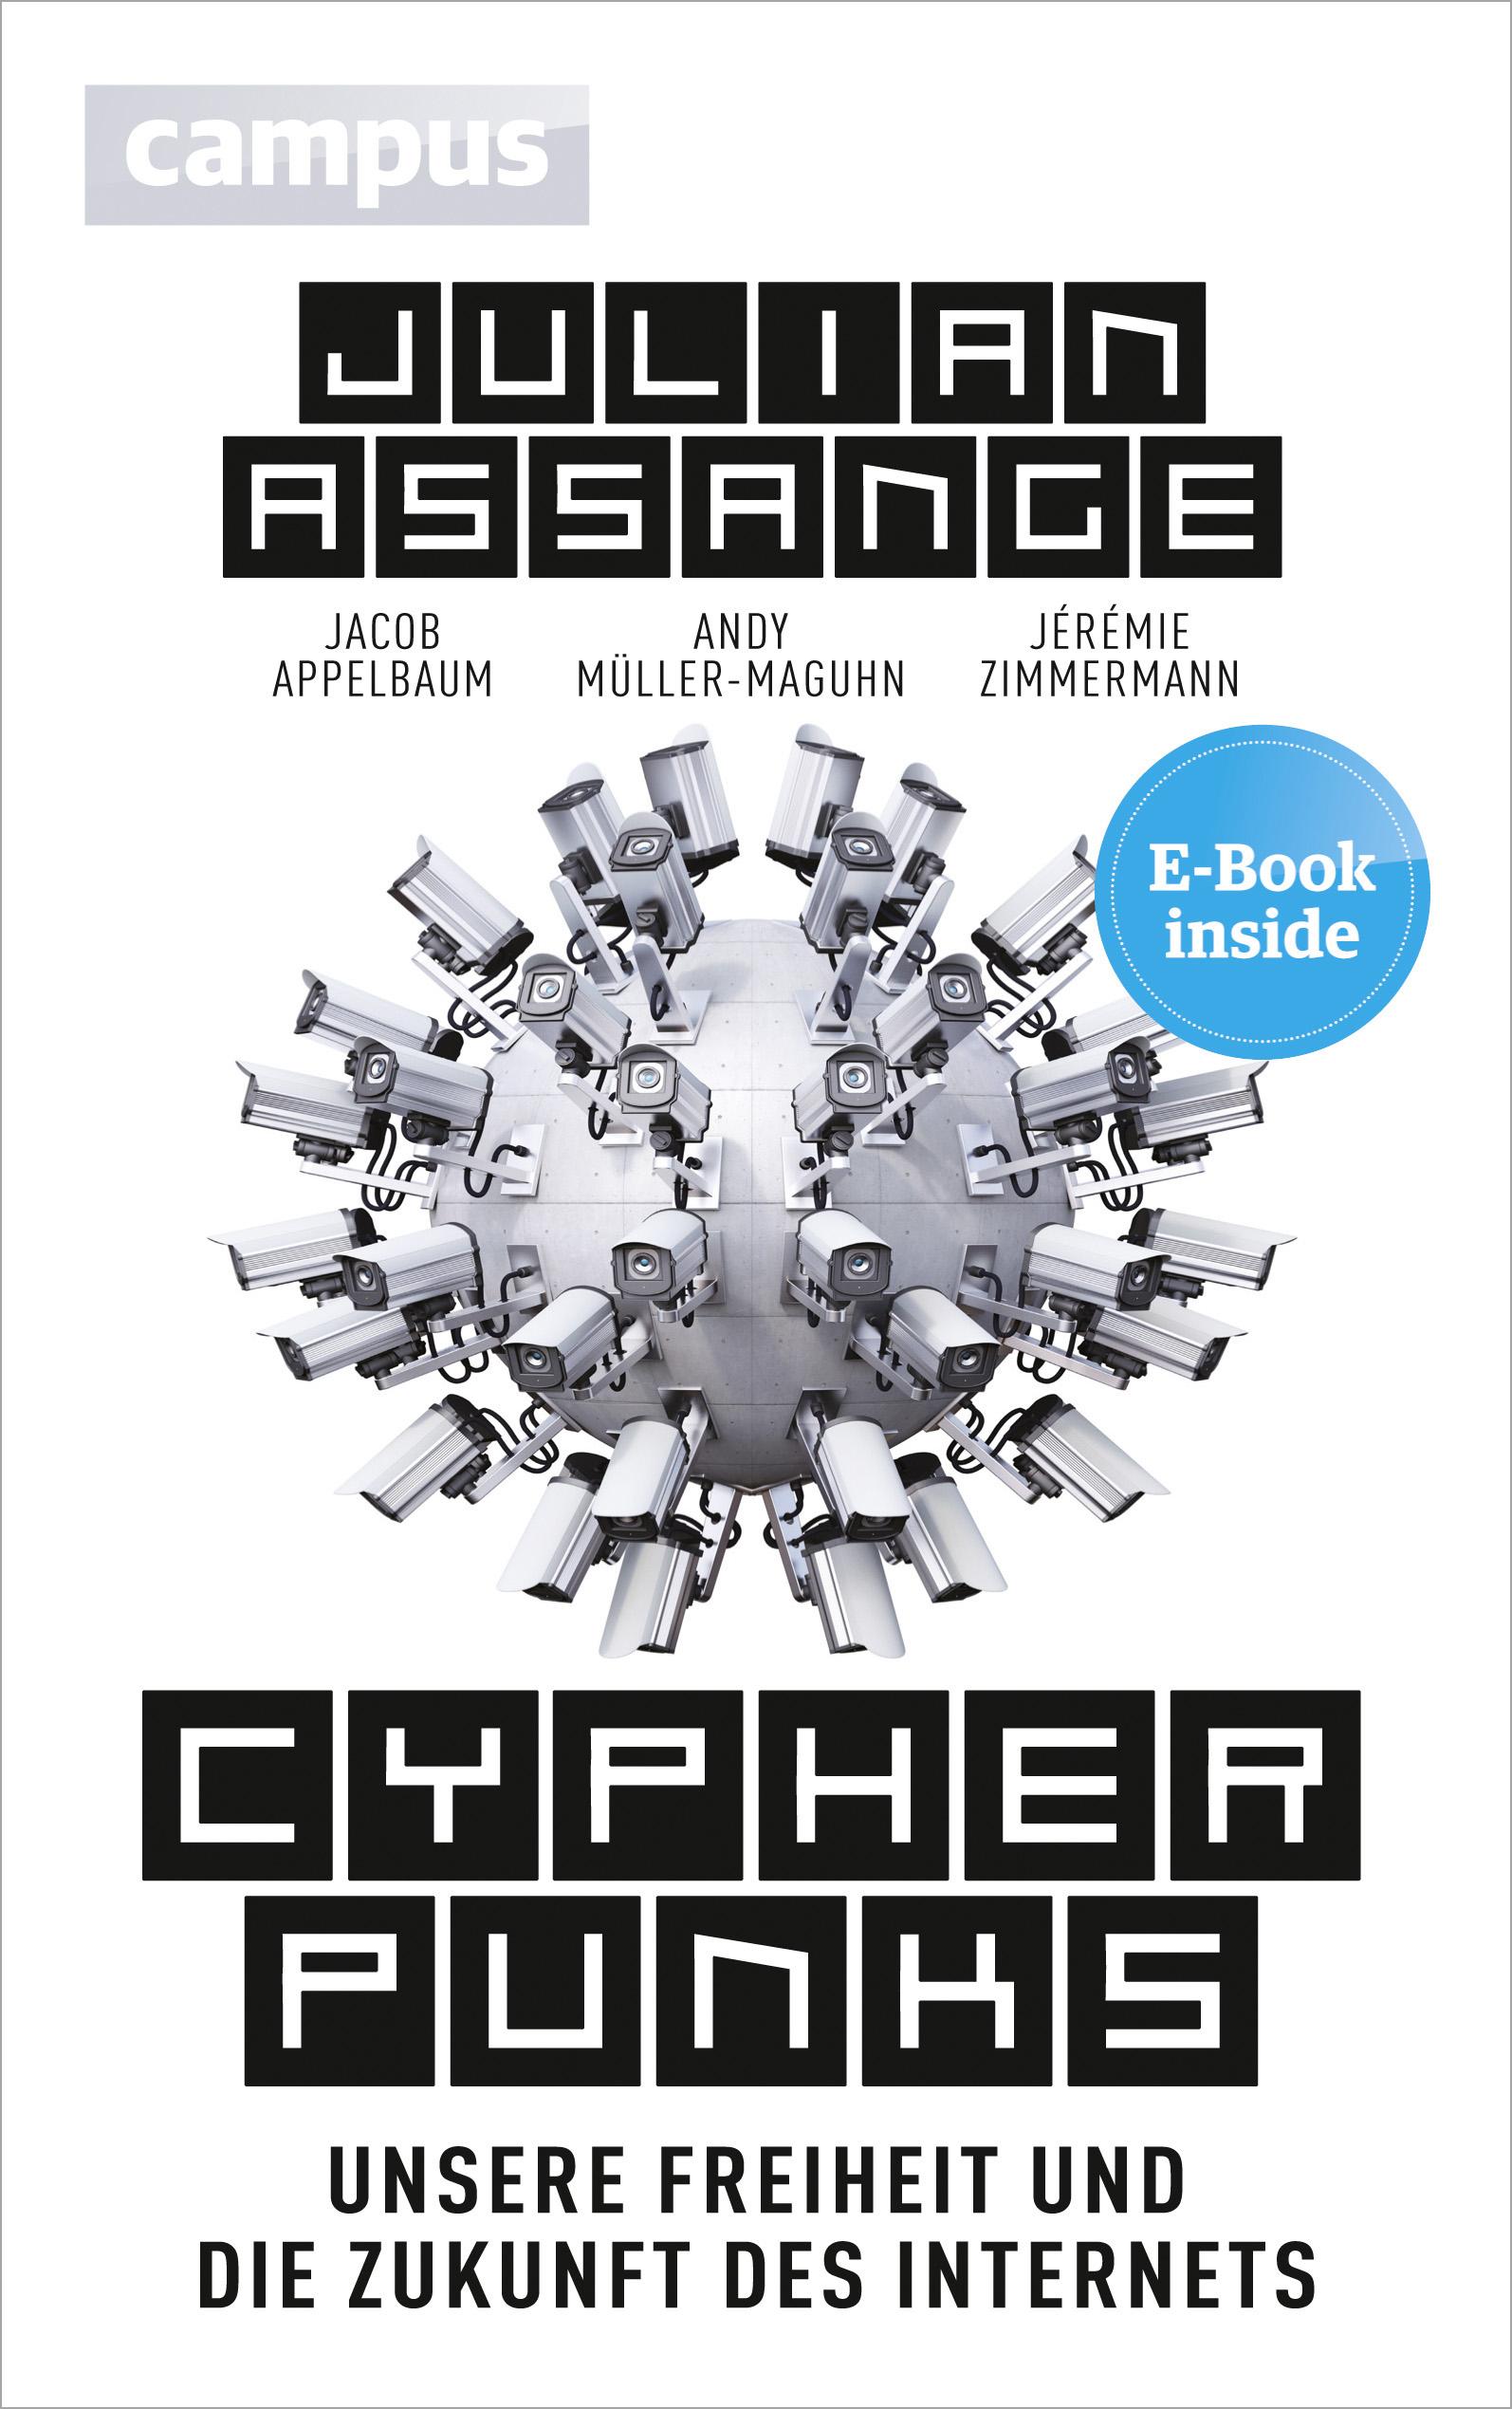 Cyphrepunks von Julian Assange, Jacob Appelbaum, Andy Müller-Maguhn